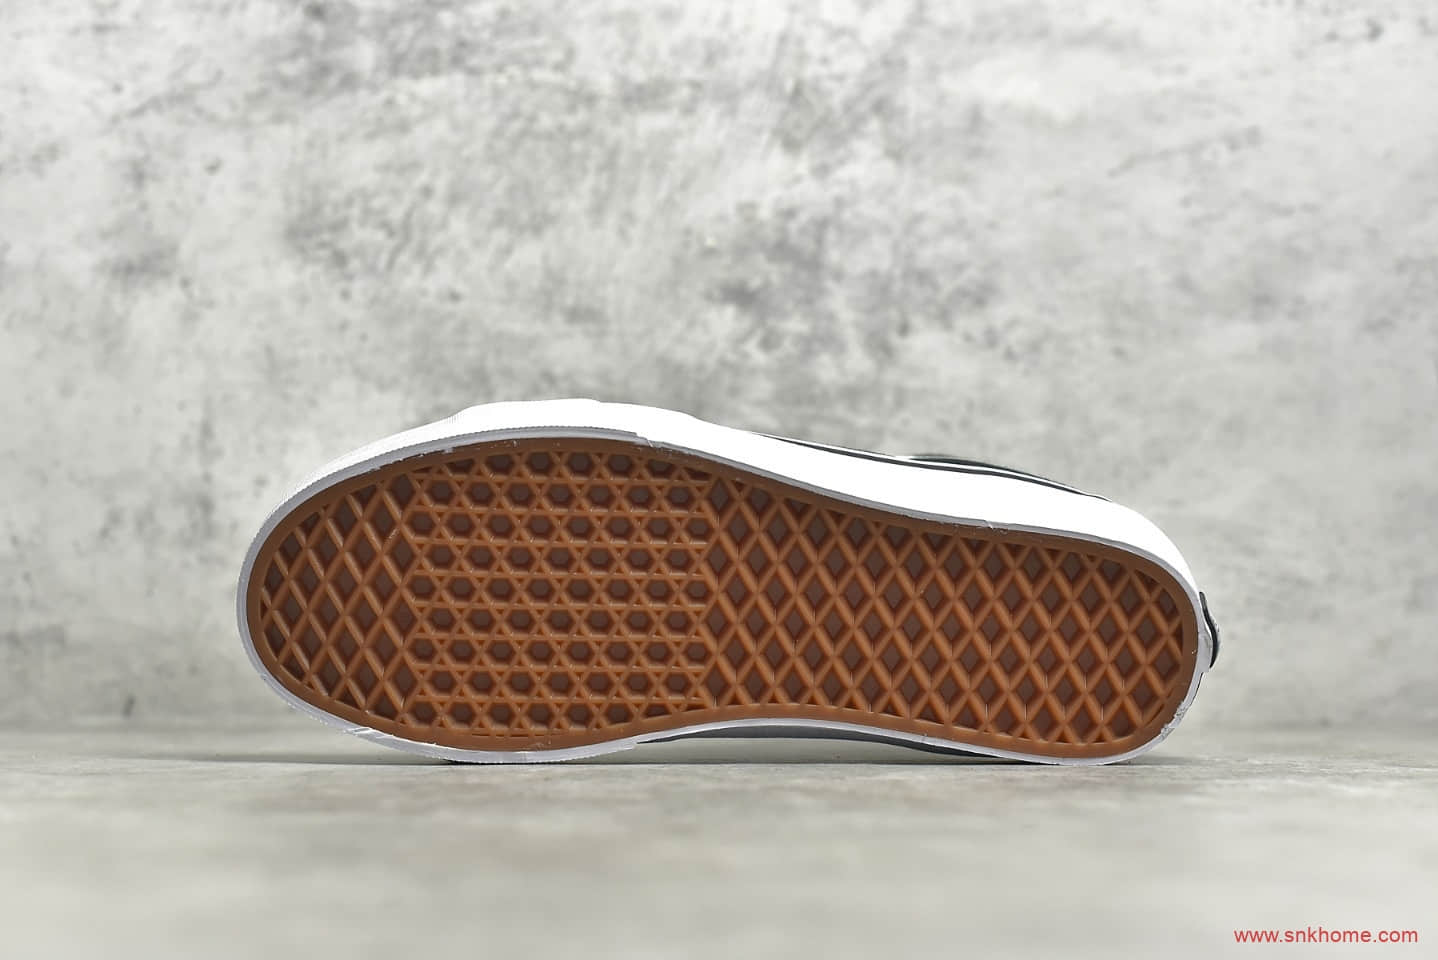 万斯黑灰阴阳高帮帆布鞋 万斯SK8高帮 MIX & MATCH SK8-HI U3C2PD 东莞万斯纯原版本-潮流者之家